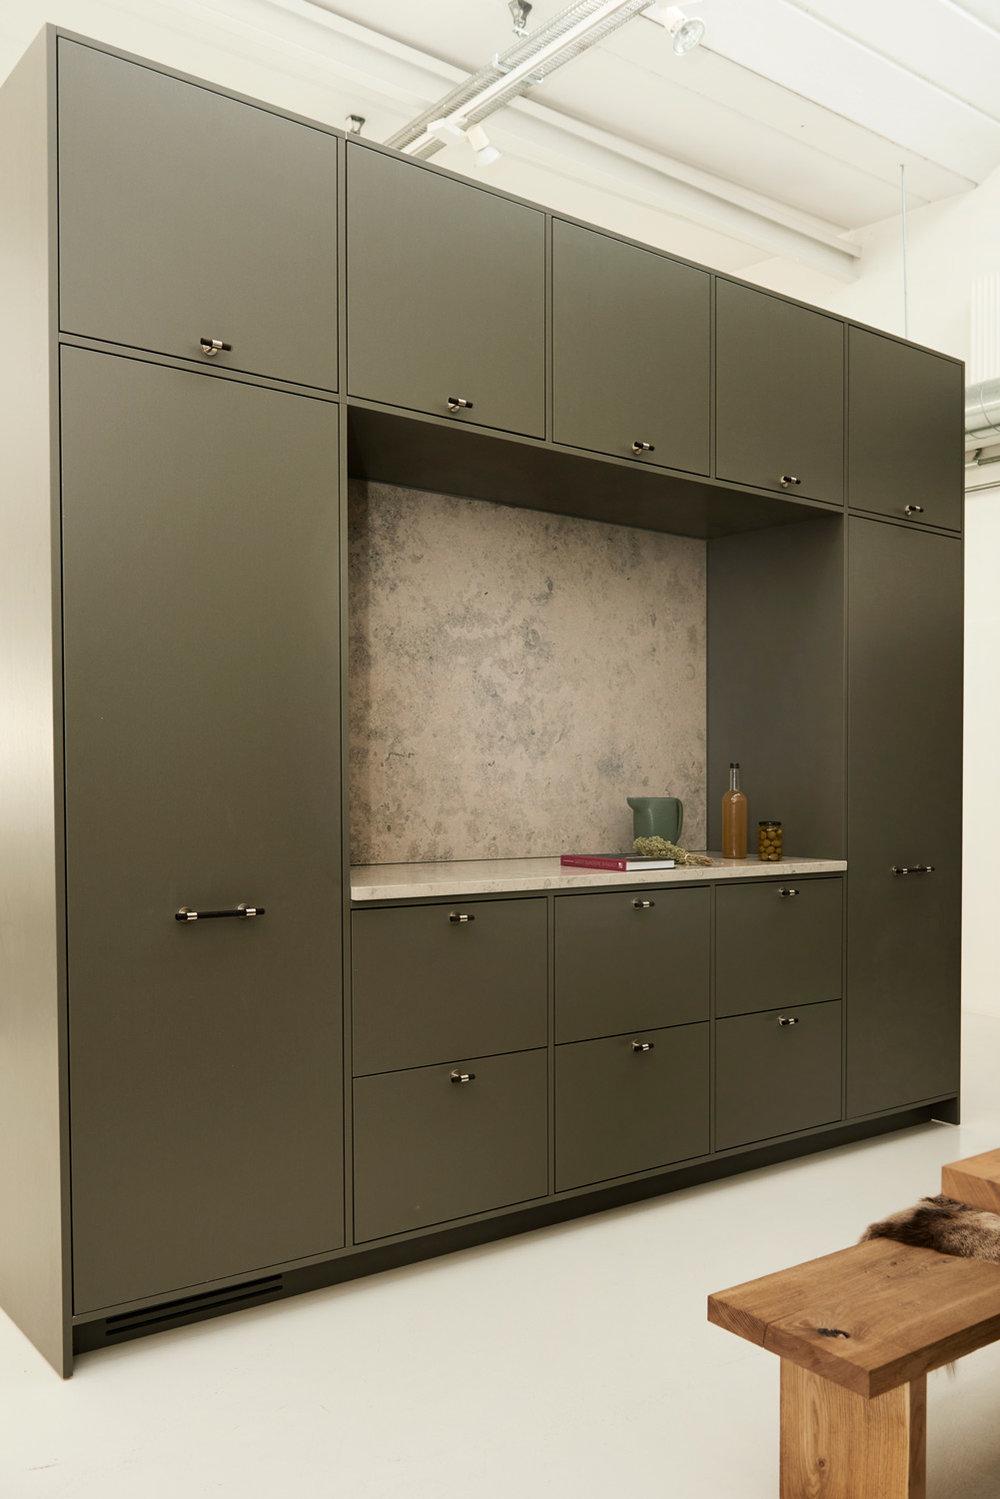 Handcrafted_interior_kitchen_clean_DSC5284aa_web.jpg